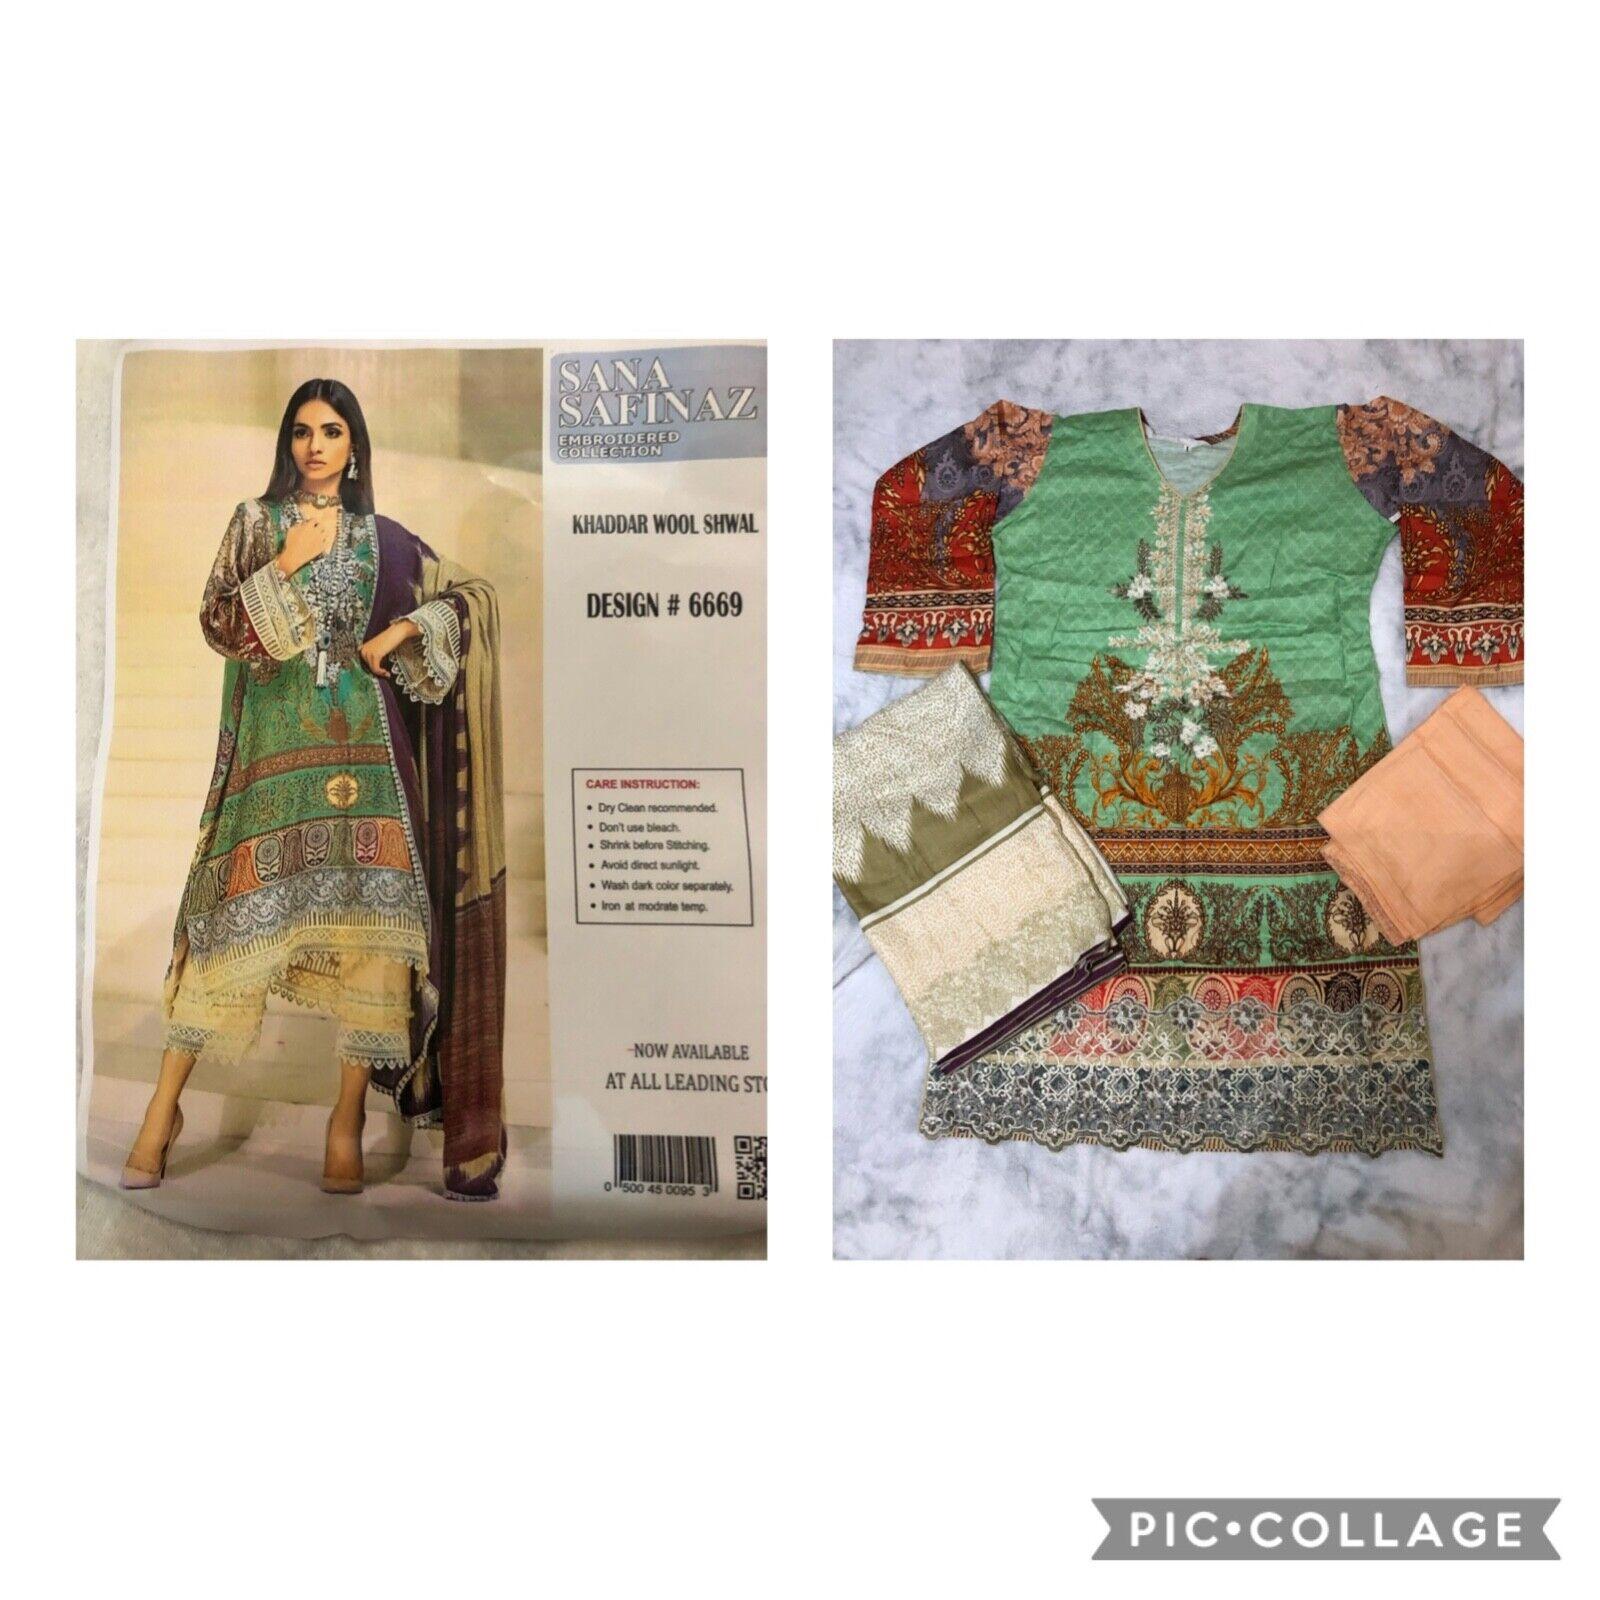 Sana Safinaz inspired Khaddar Winter 2020 Shalwar Kameez Stitched Size L